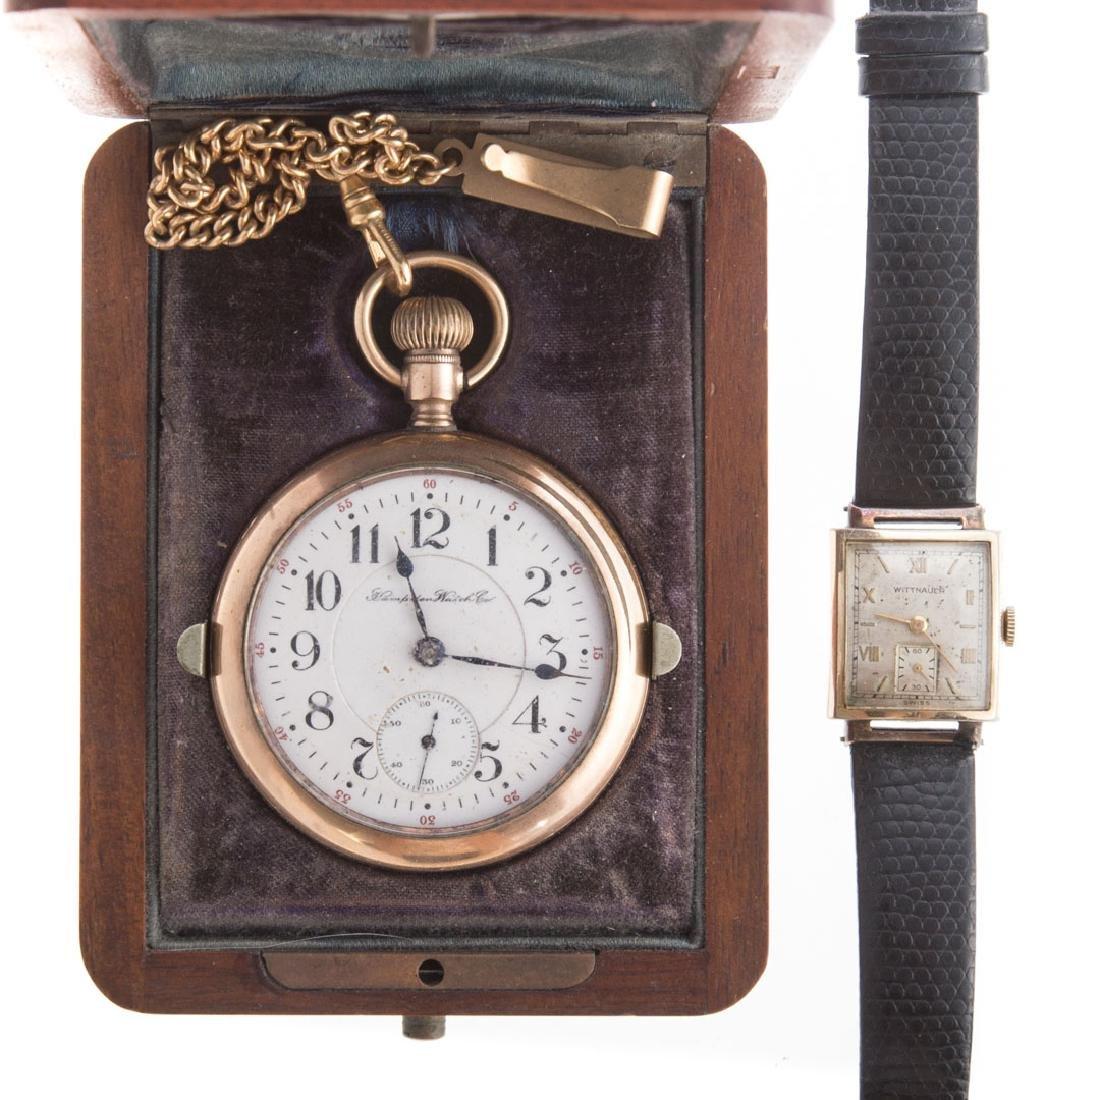 A Gent's Hampden Pocket Watch & Wittnauer Watch